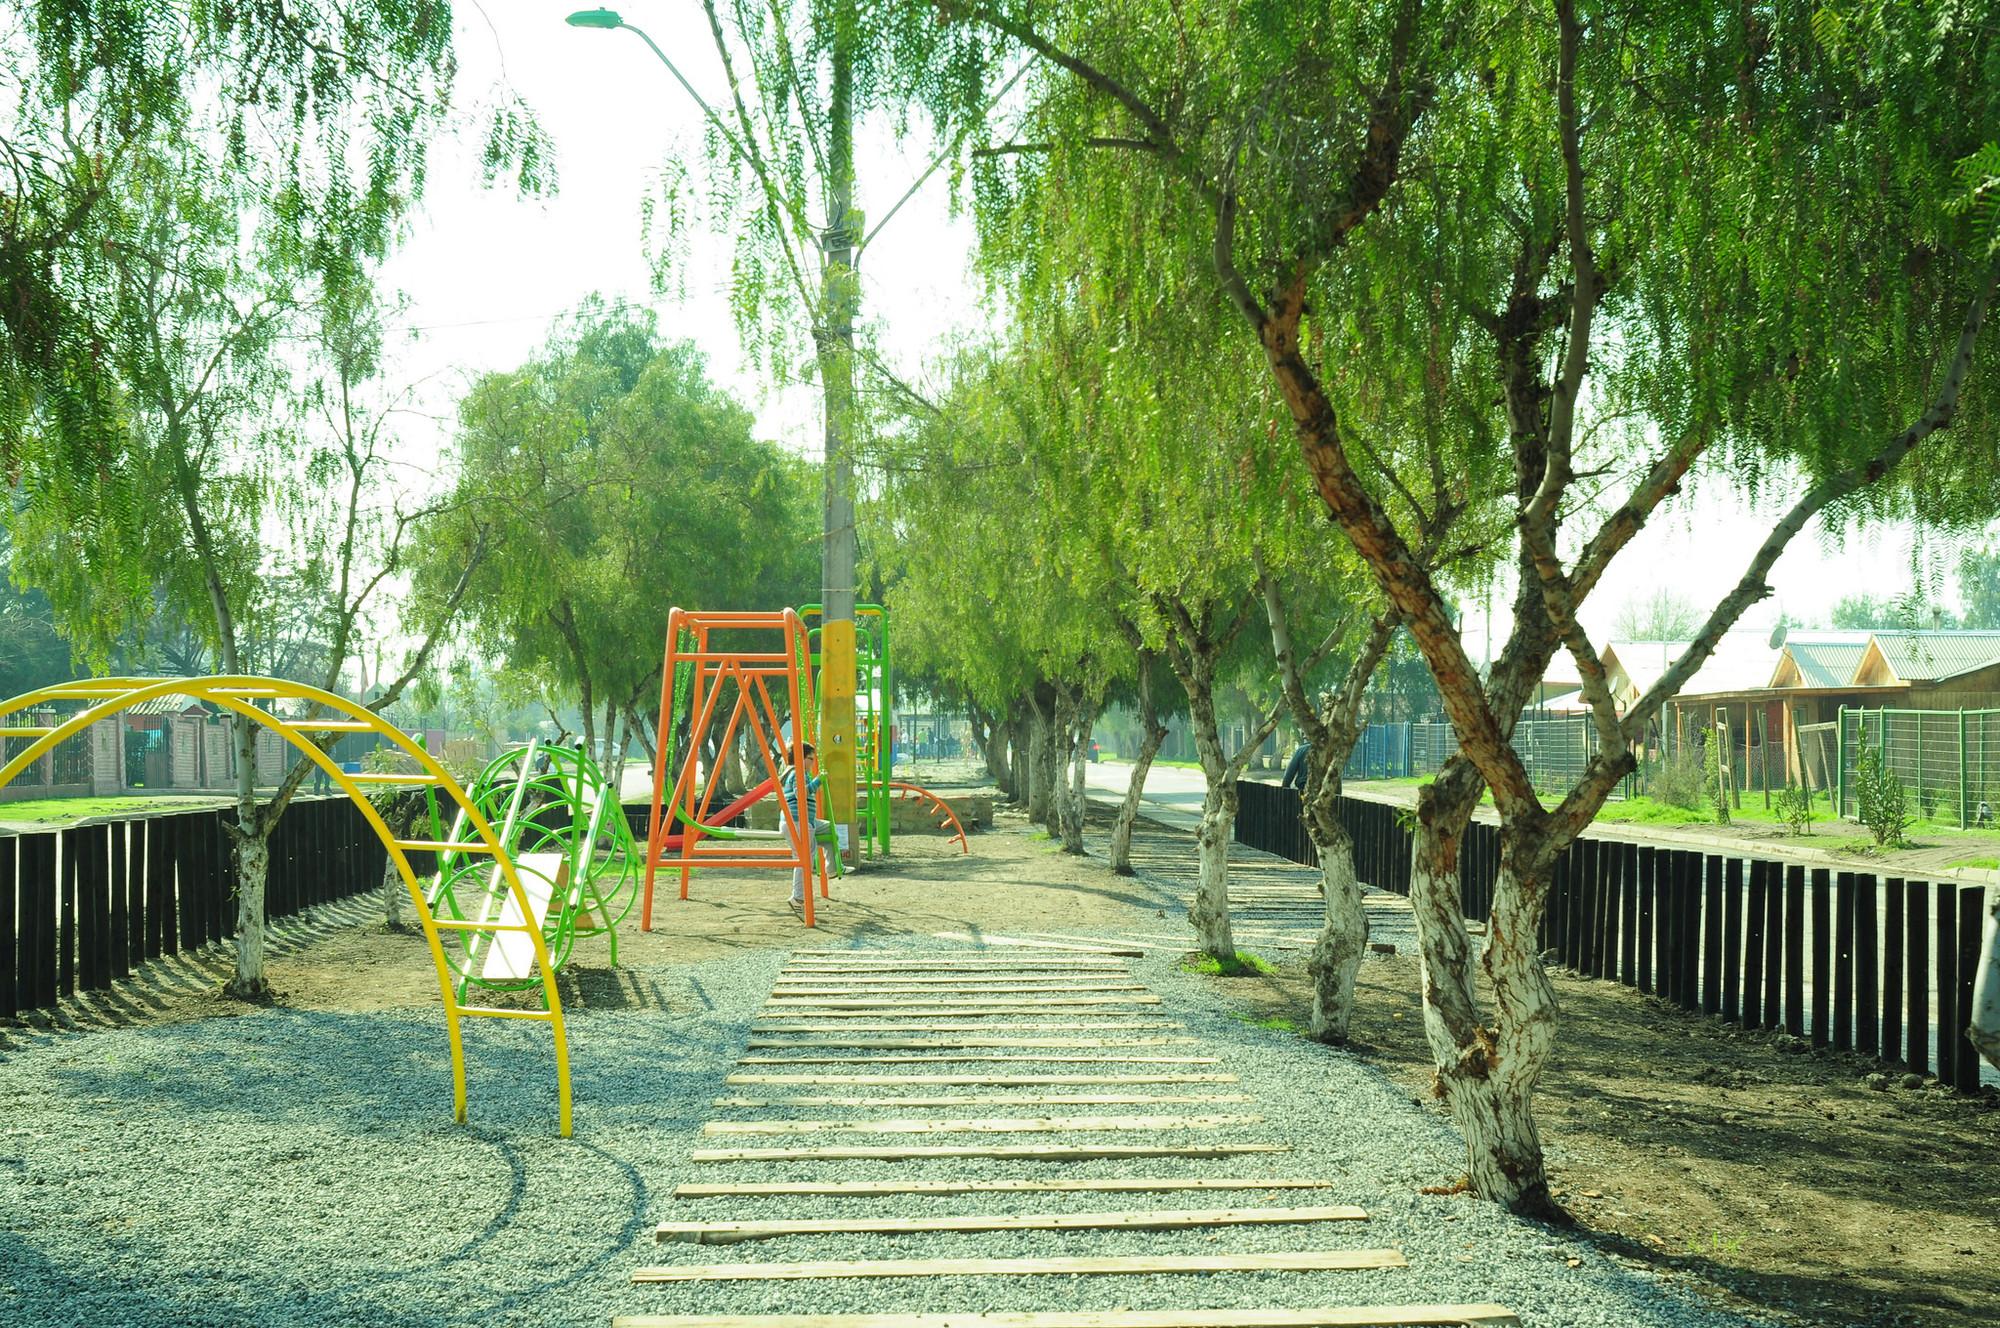 Fundaci n mi parque avanzando hacia un dise o for Parques con jardines